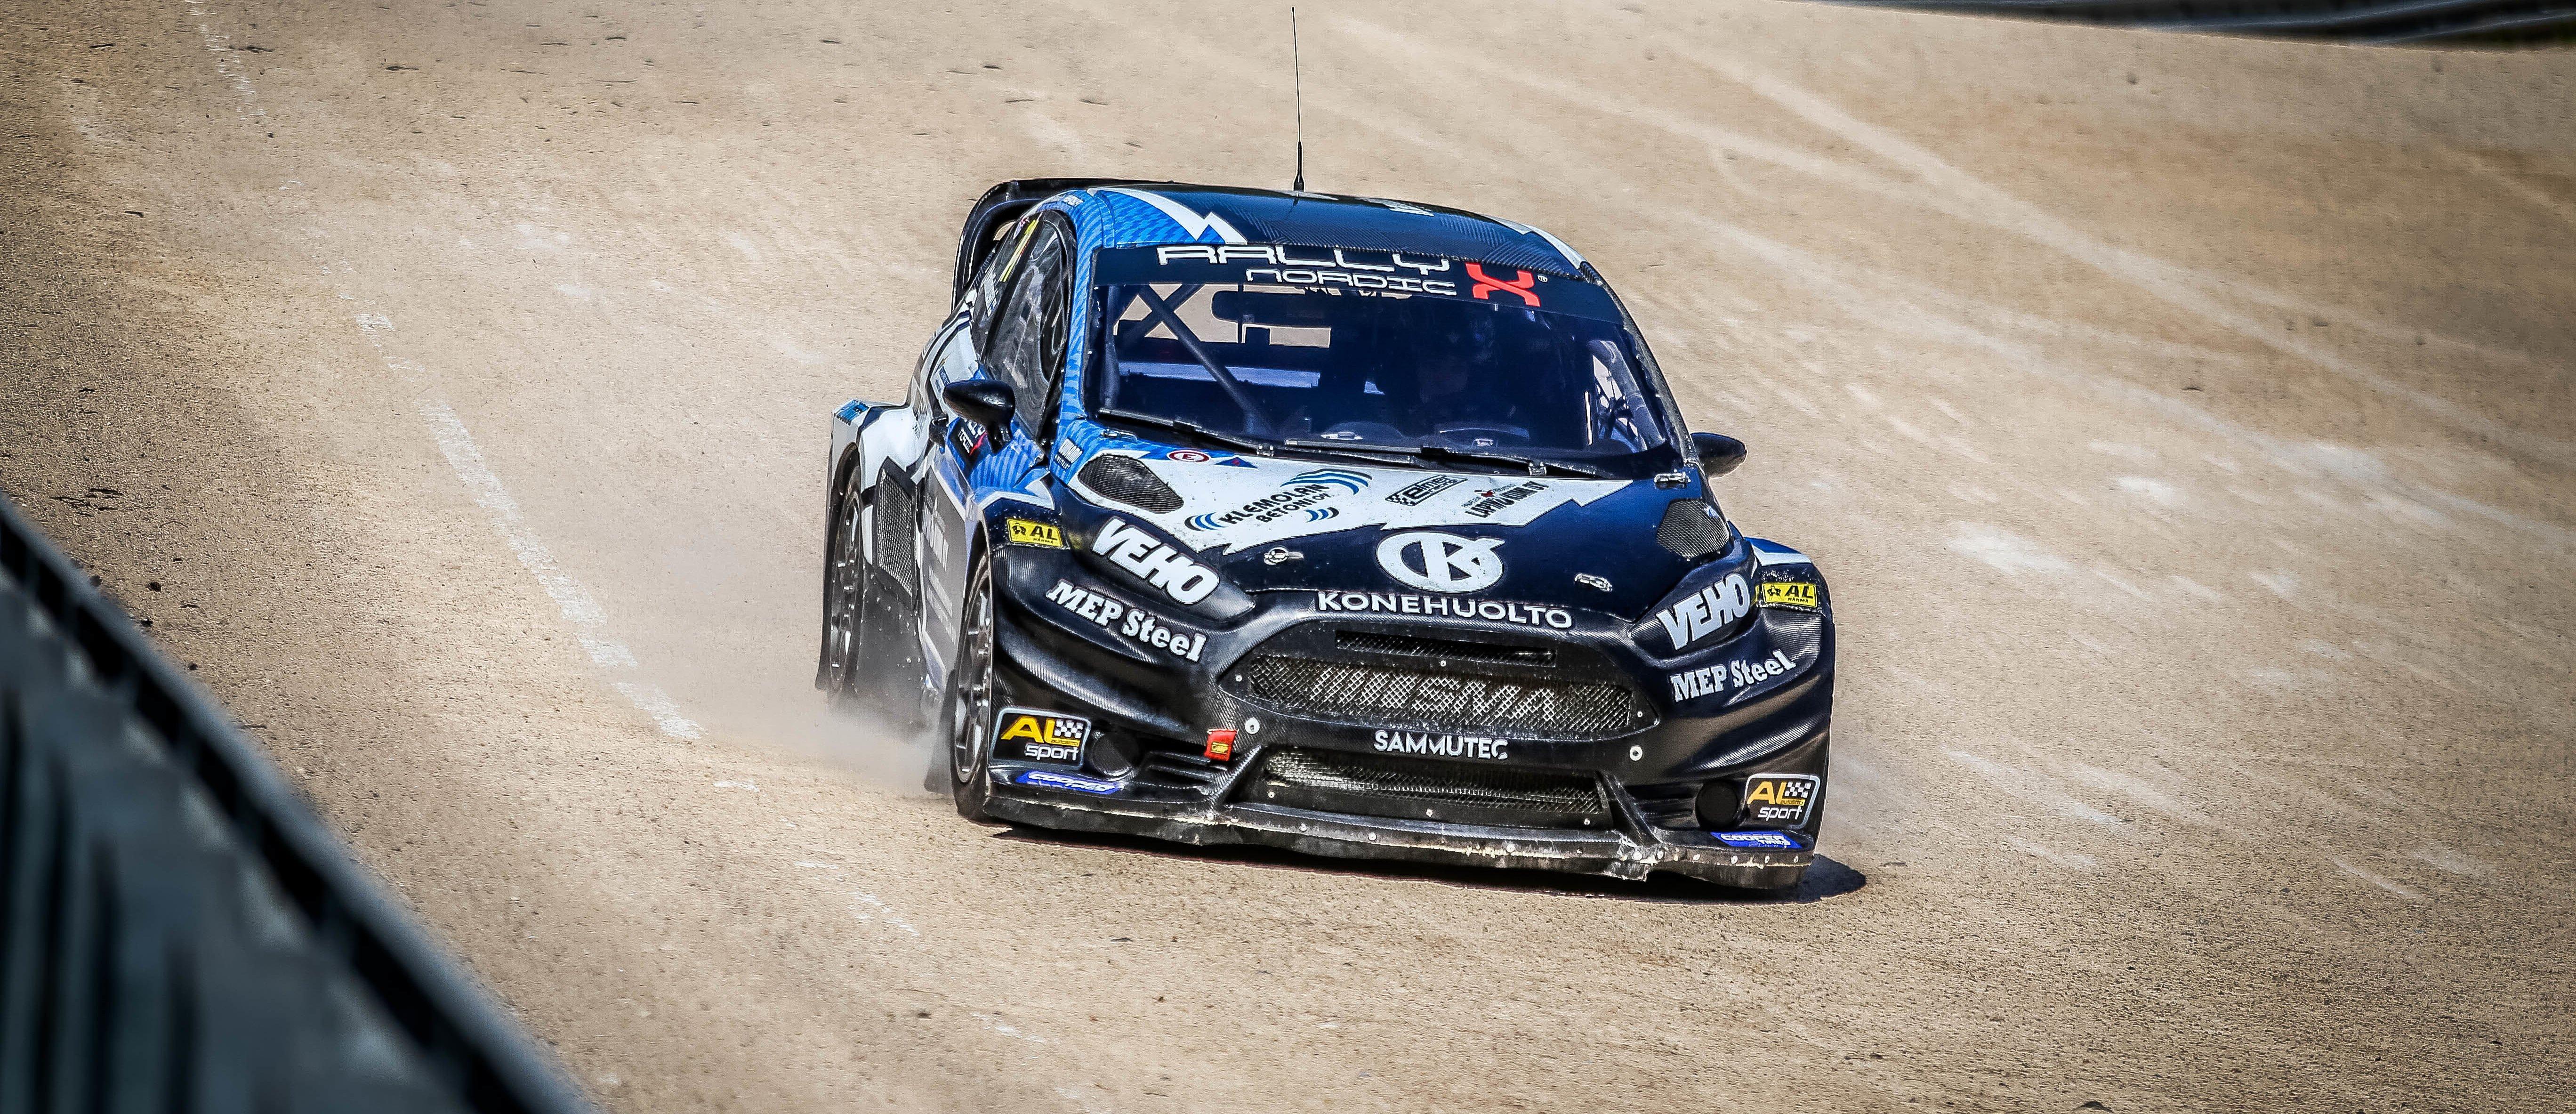 Rallyx Nordic Rally X Calendar 2019